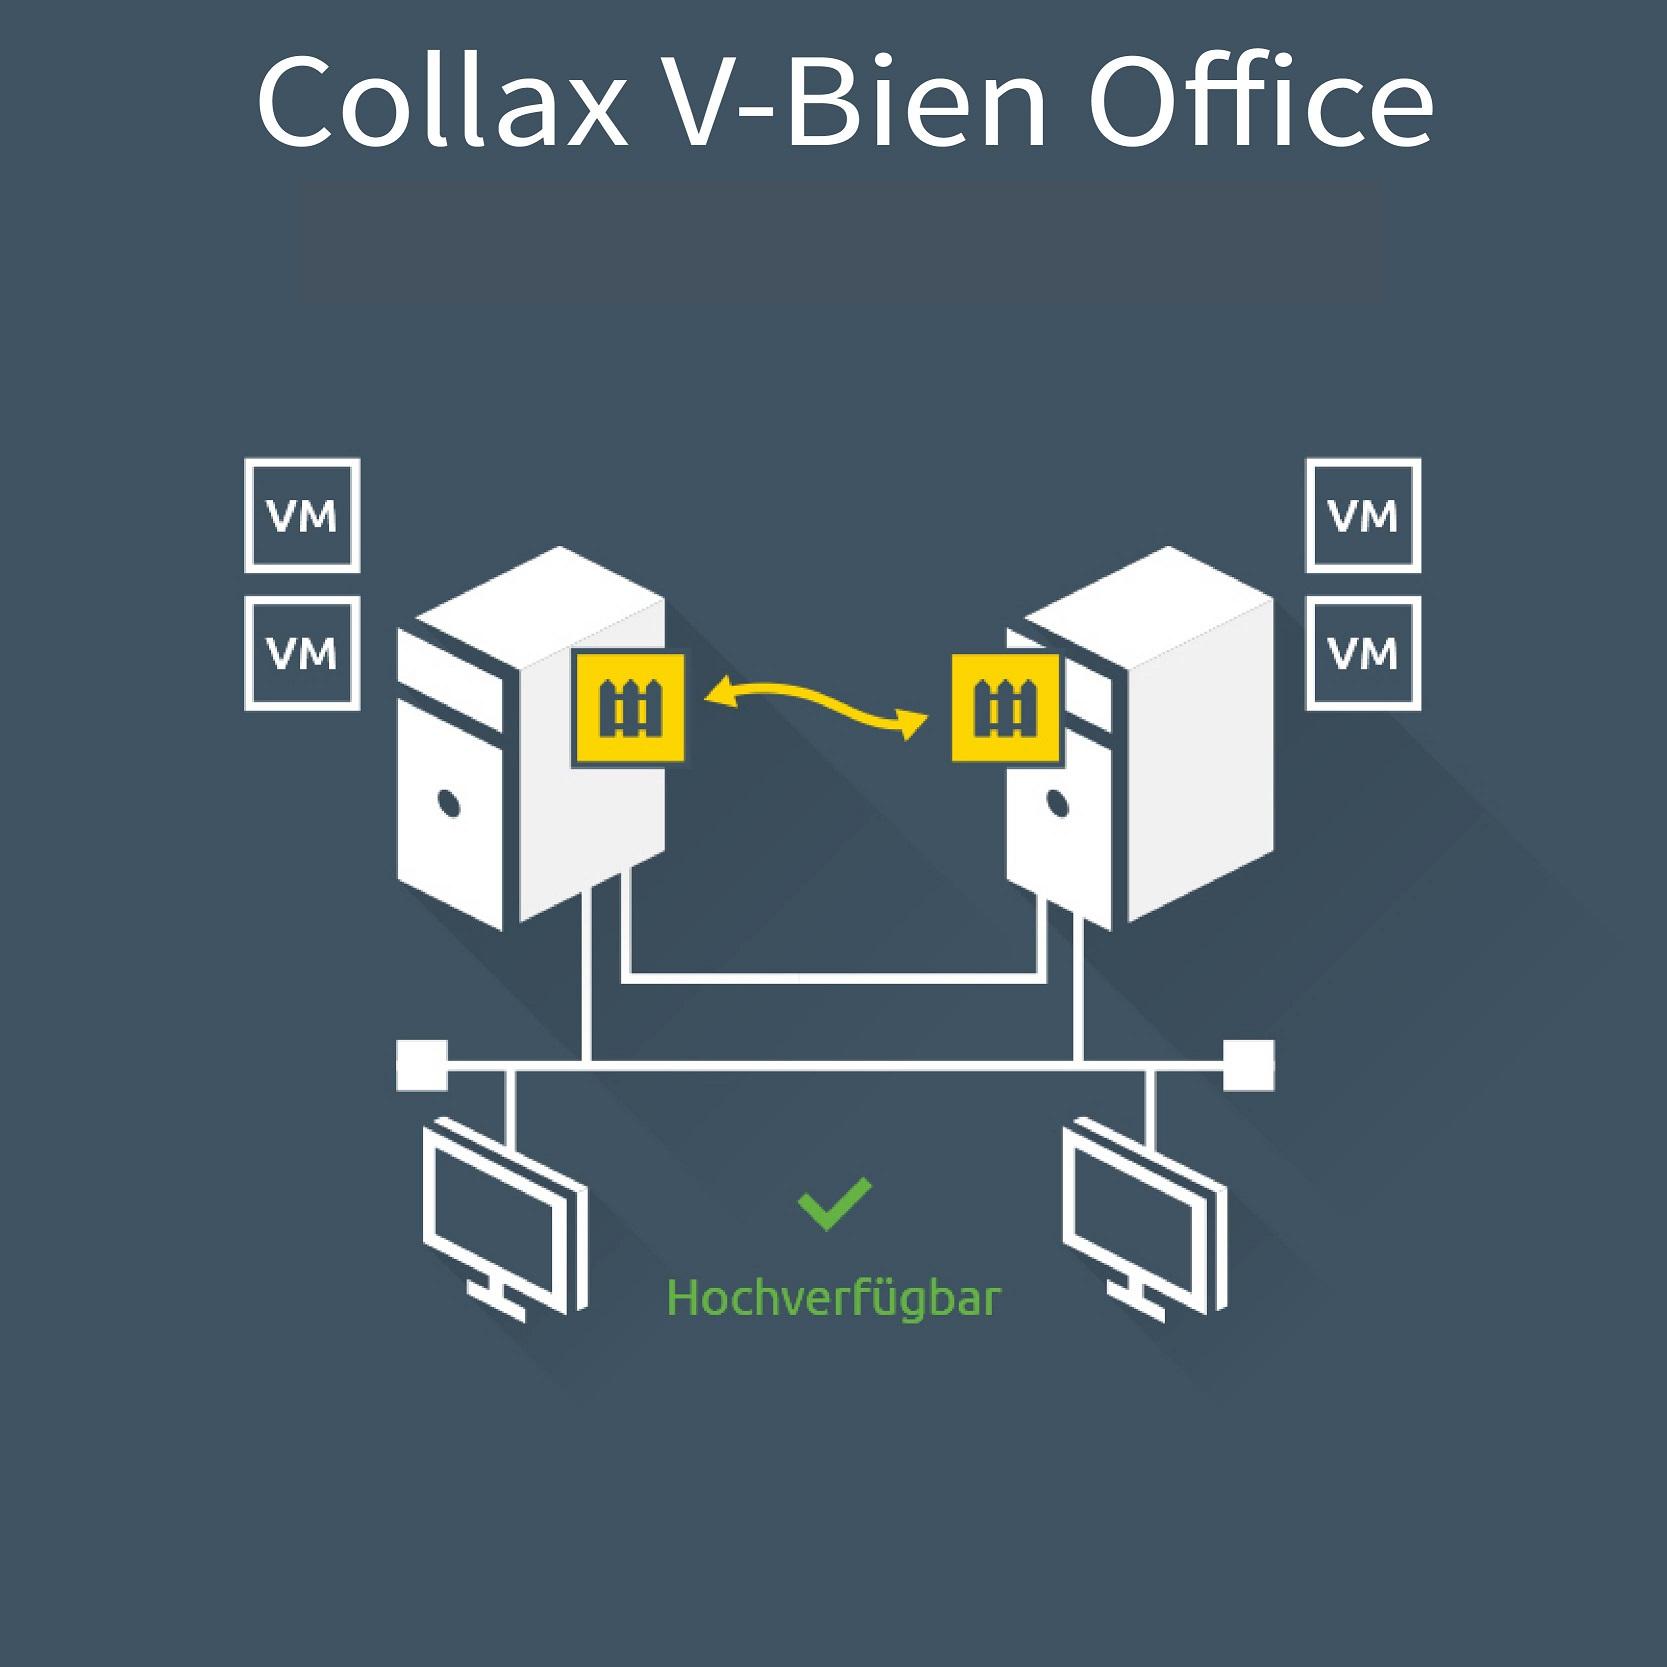 Collax bietet neue Hochverfügbarkeitsplattform für kleine Office-Umgebungen an